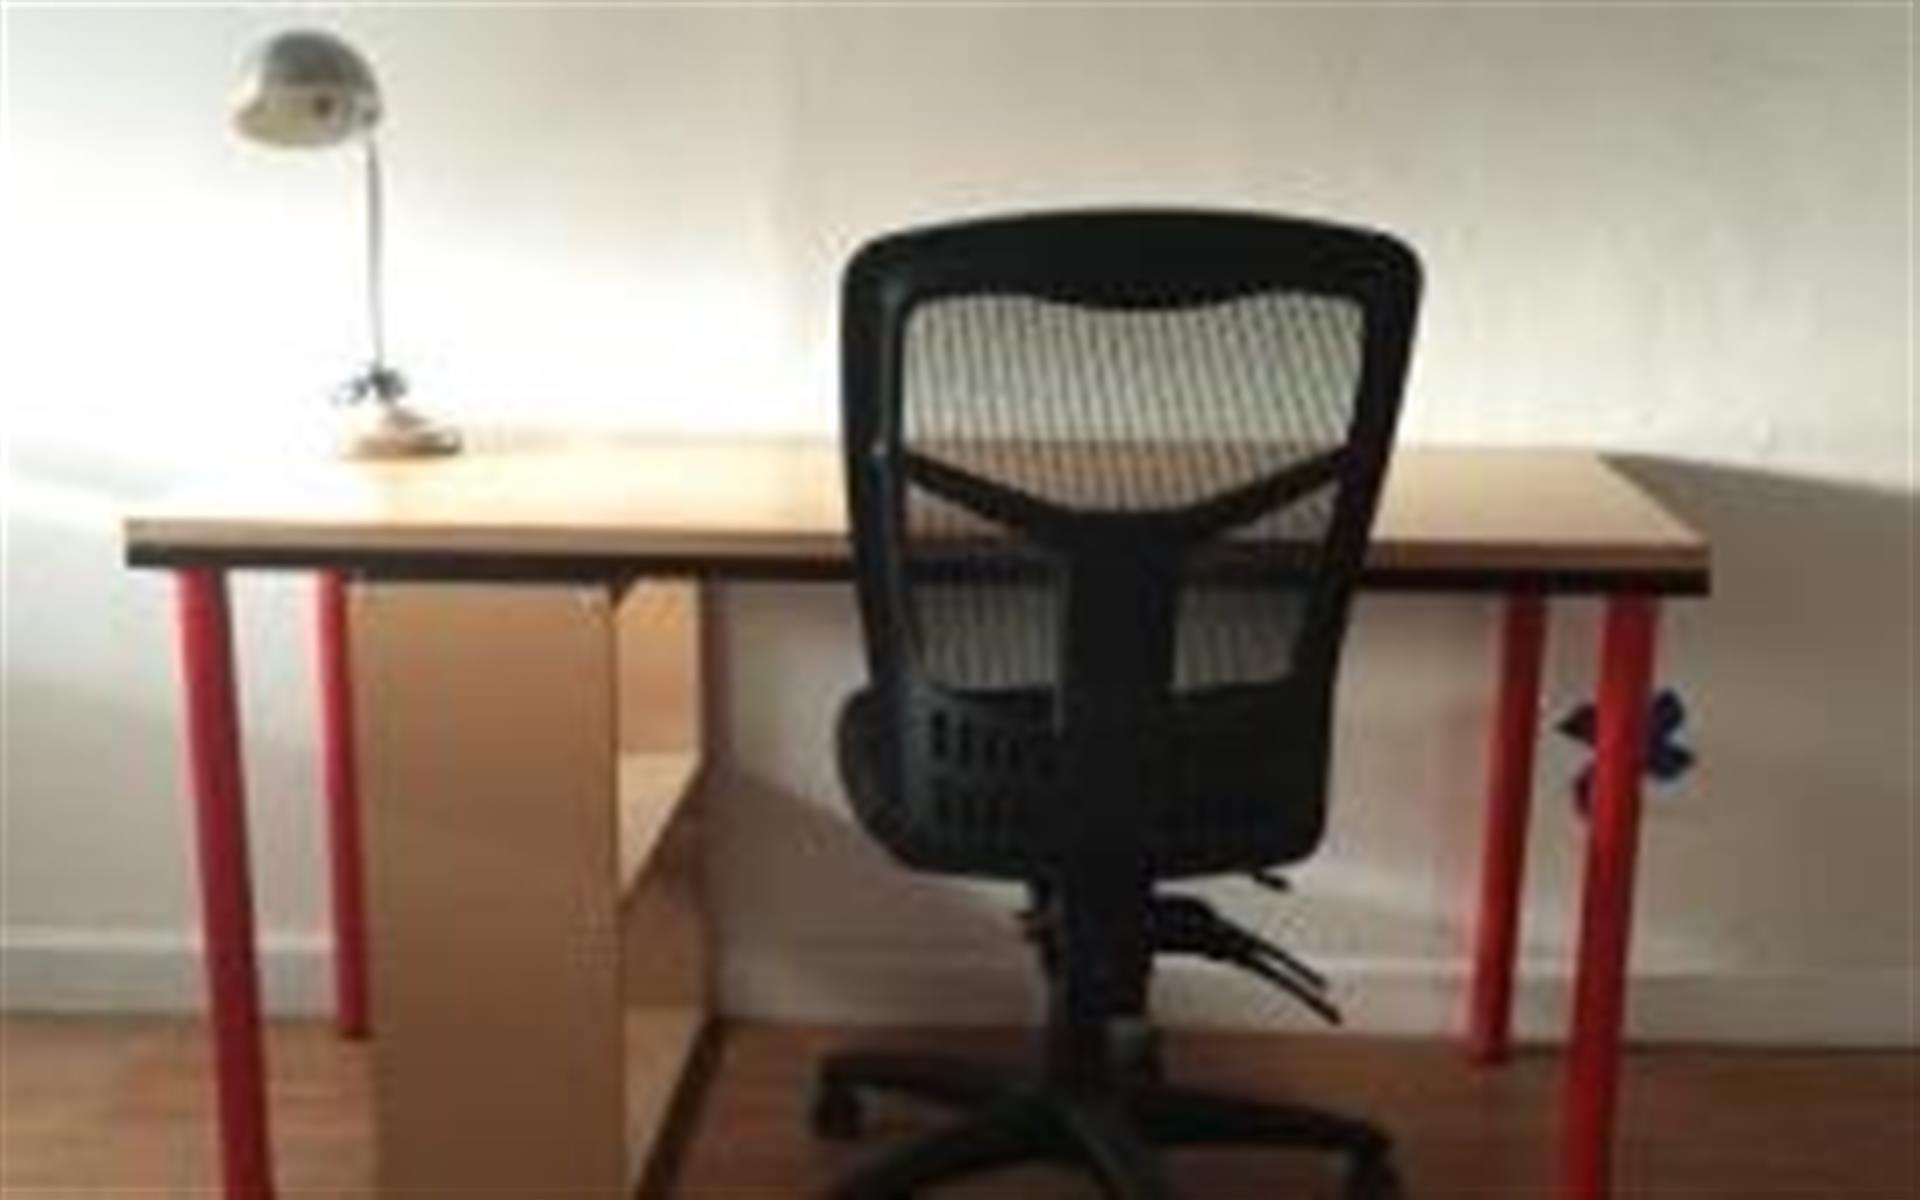 Ground Floor Coworking - Dedicated Desk - Monthly